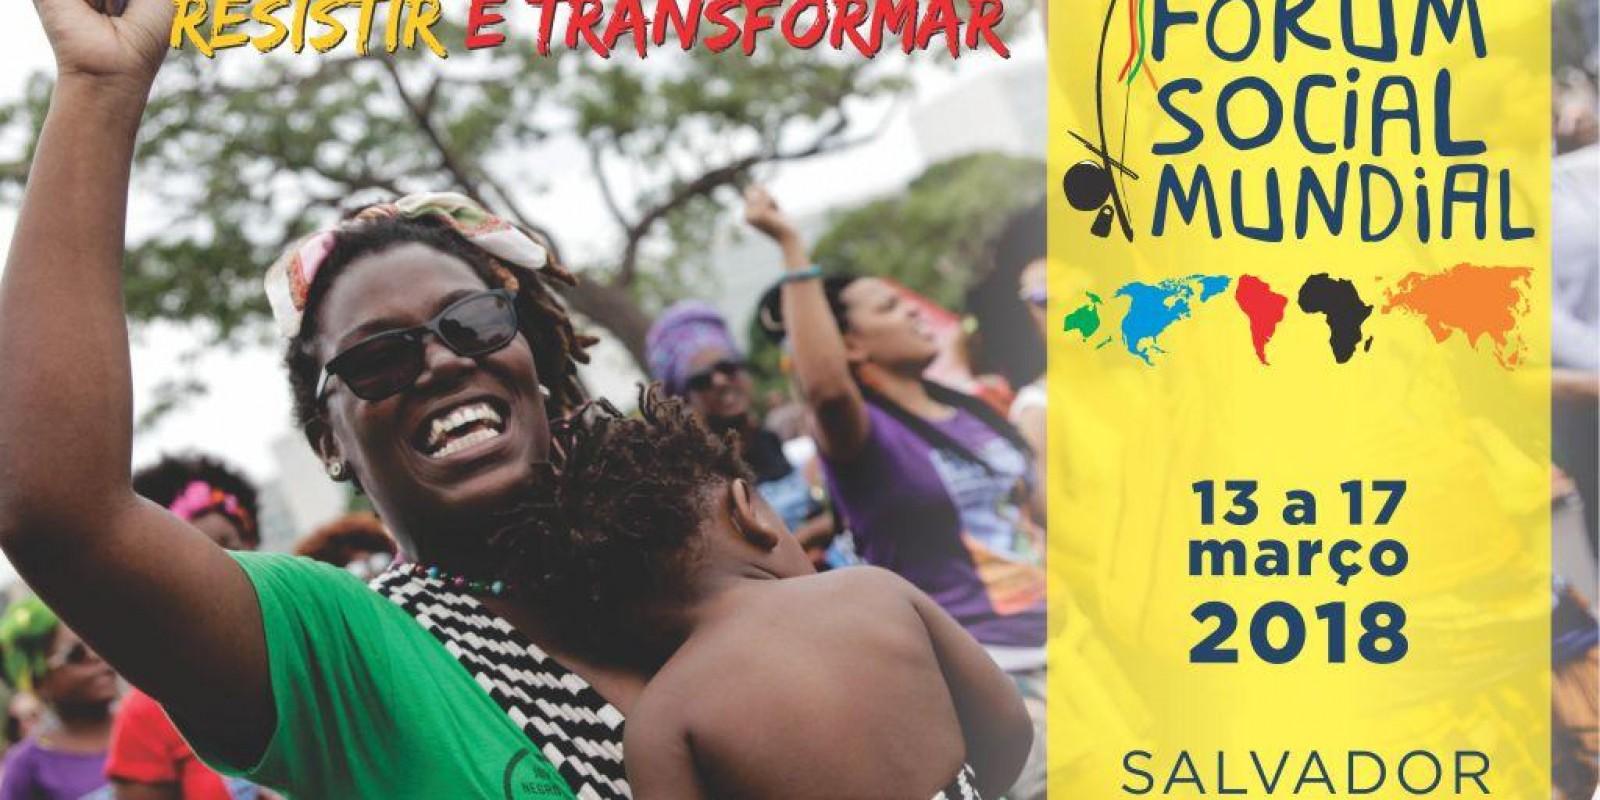 Começou nessa terça (13) em Salvador o Fórum Social Mundial 2018